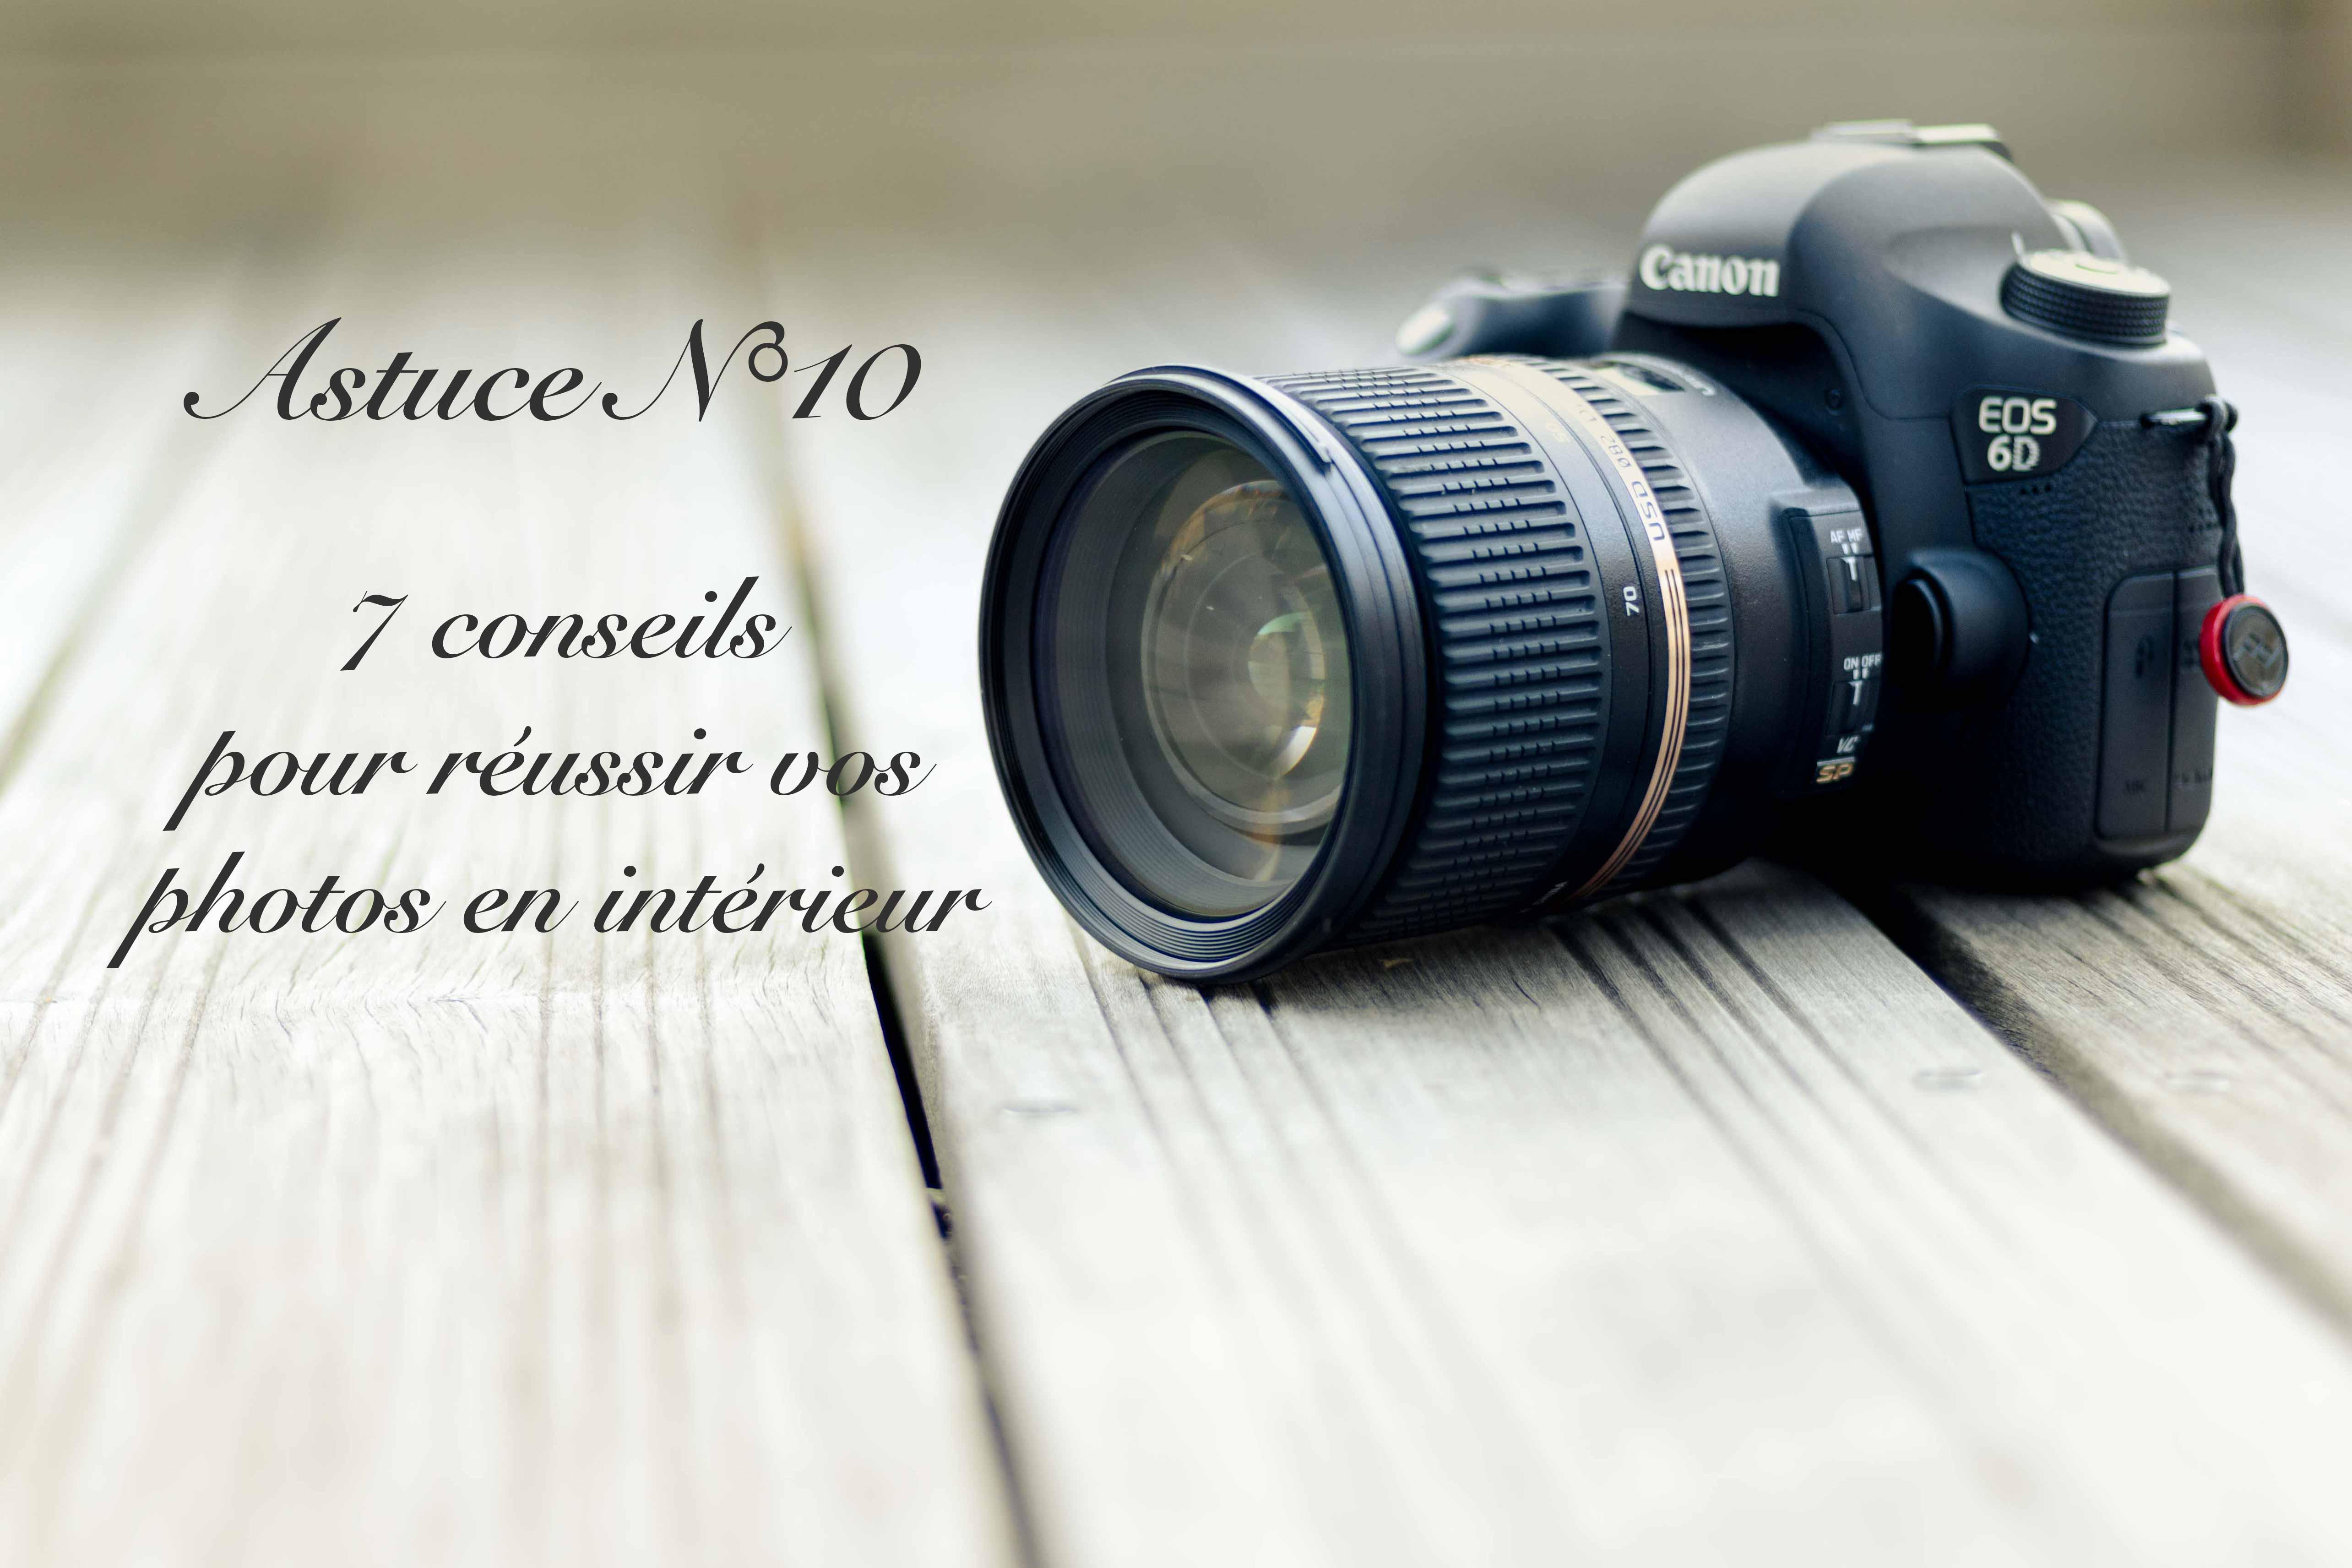 7 conseils pour réussir vos photos en intérieur (10/52)